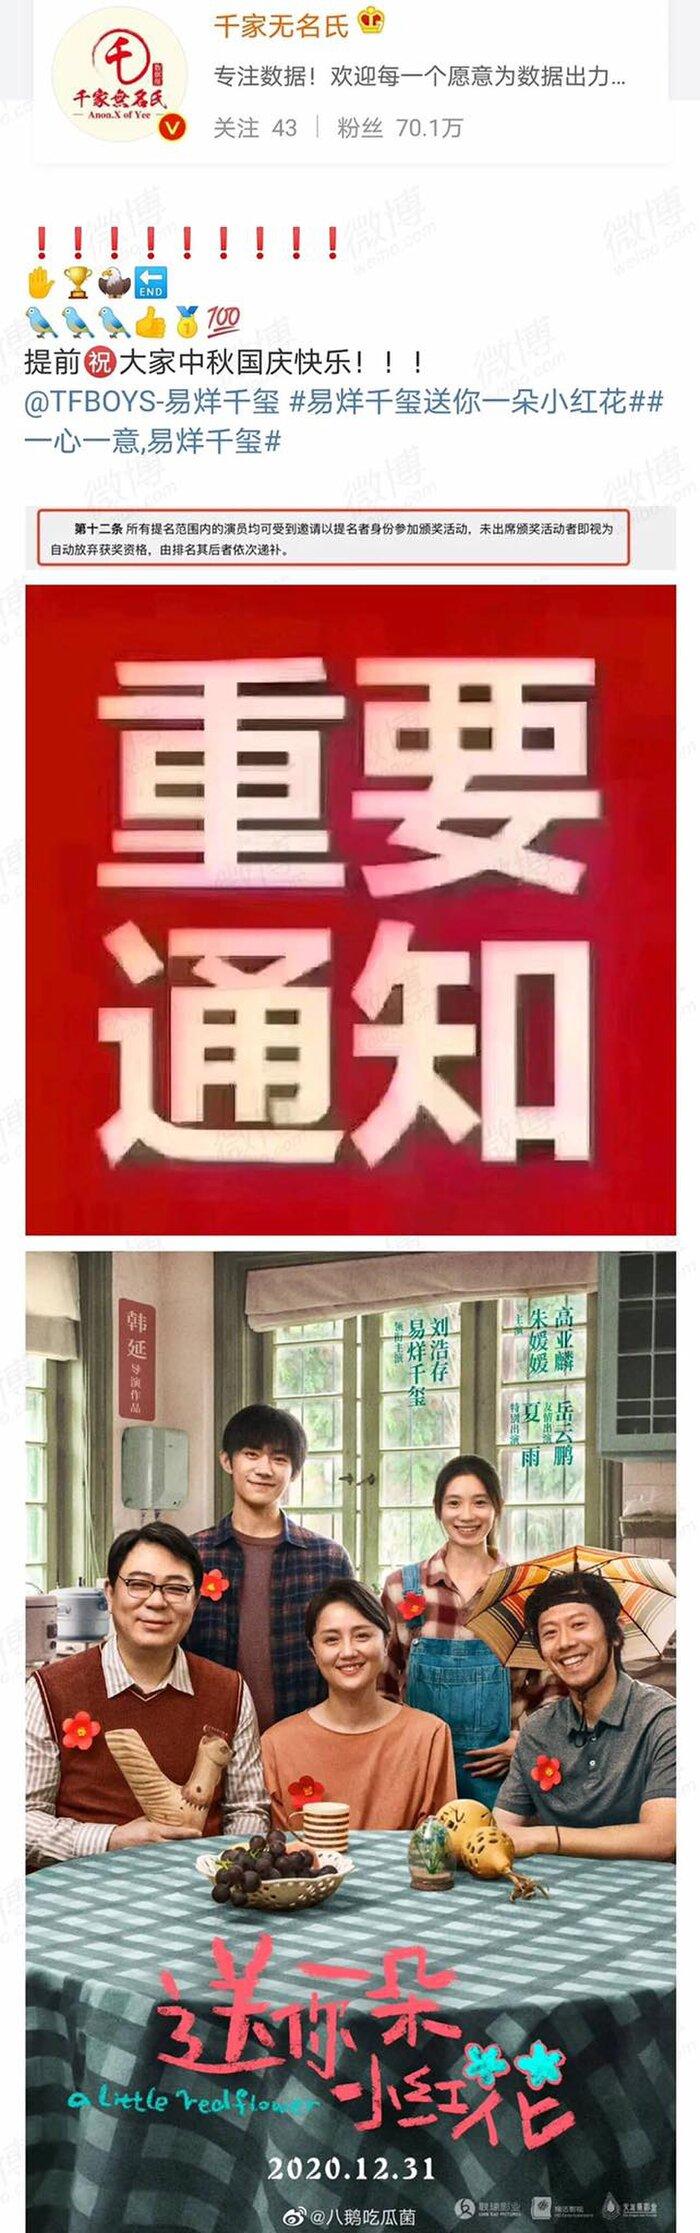 Fandom Dịch Dương Thiên Tỉ và Nhậm Gia Luân tuyên bố dừng bỏ phiếu cho thần tượng trong cuộc đua Kim Ưng 2020 4